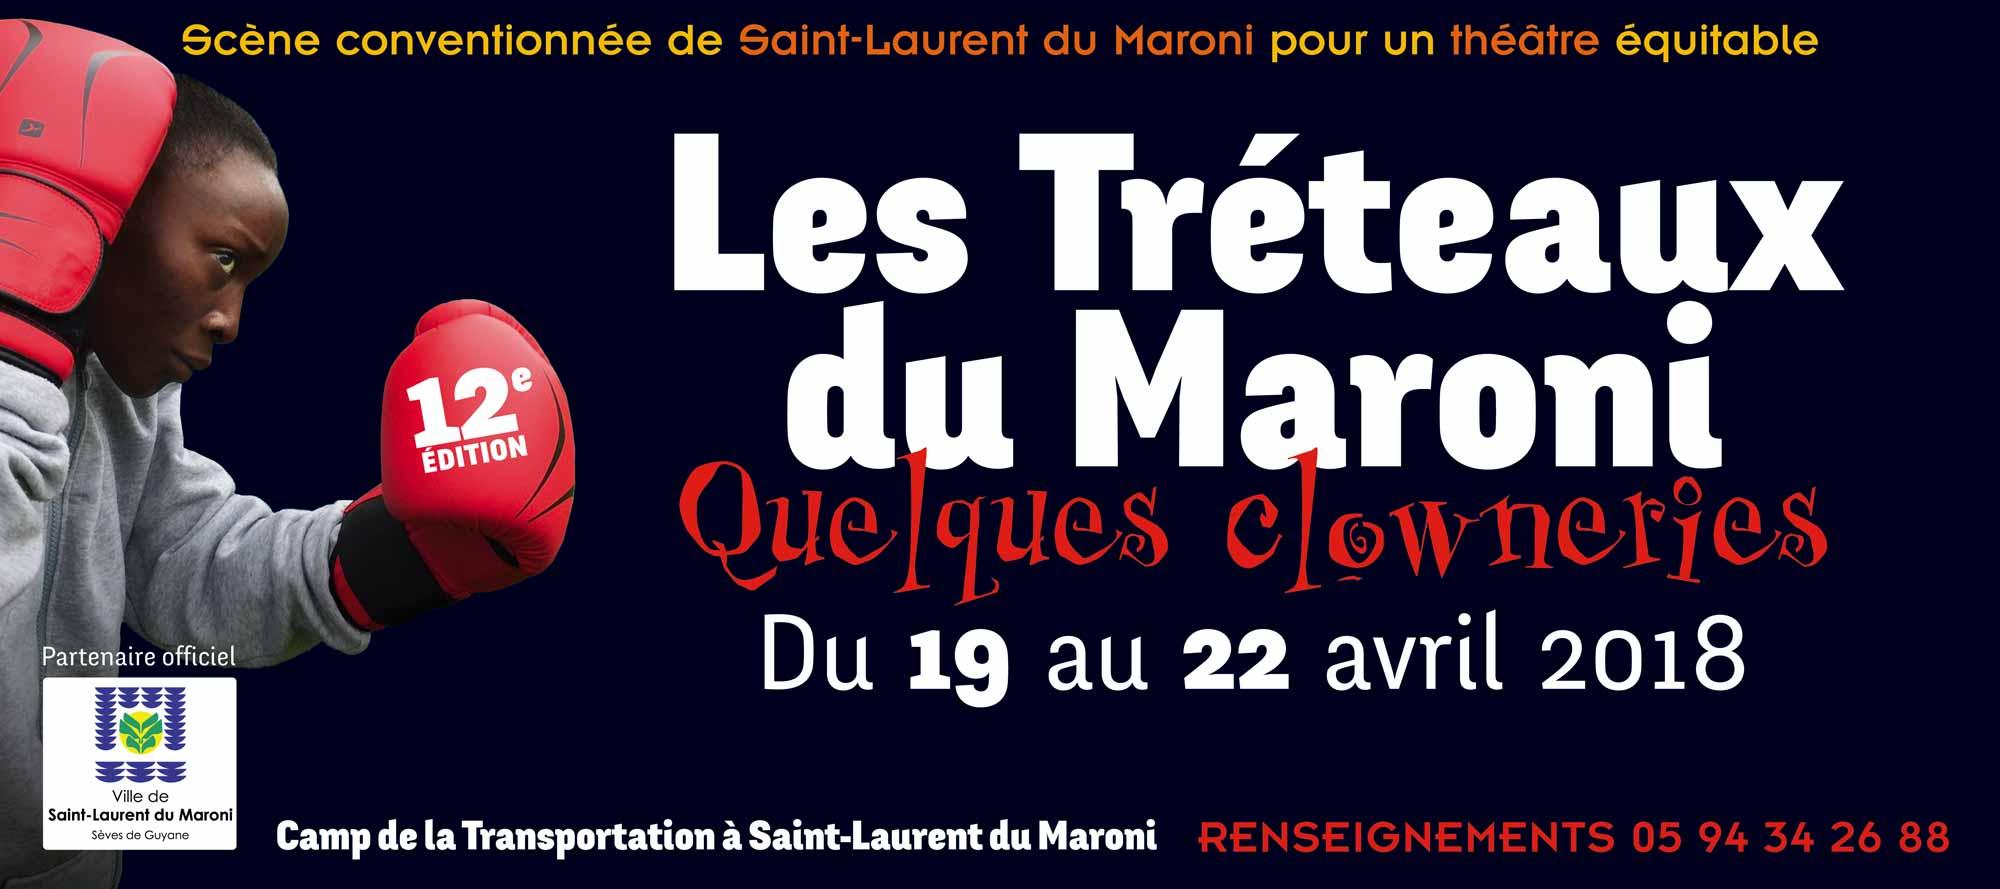 festival-les-treteaux-du-maroni-2018